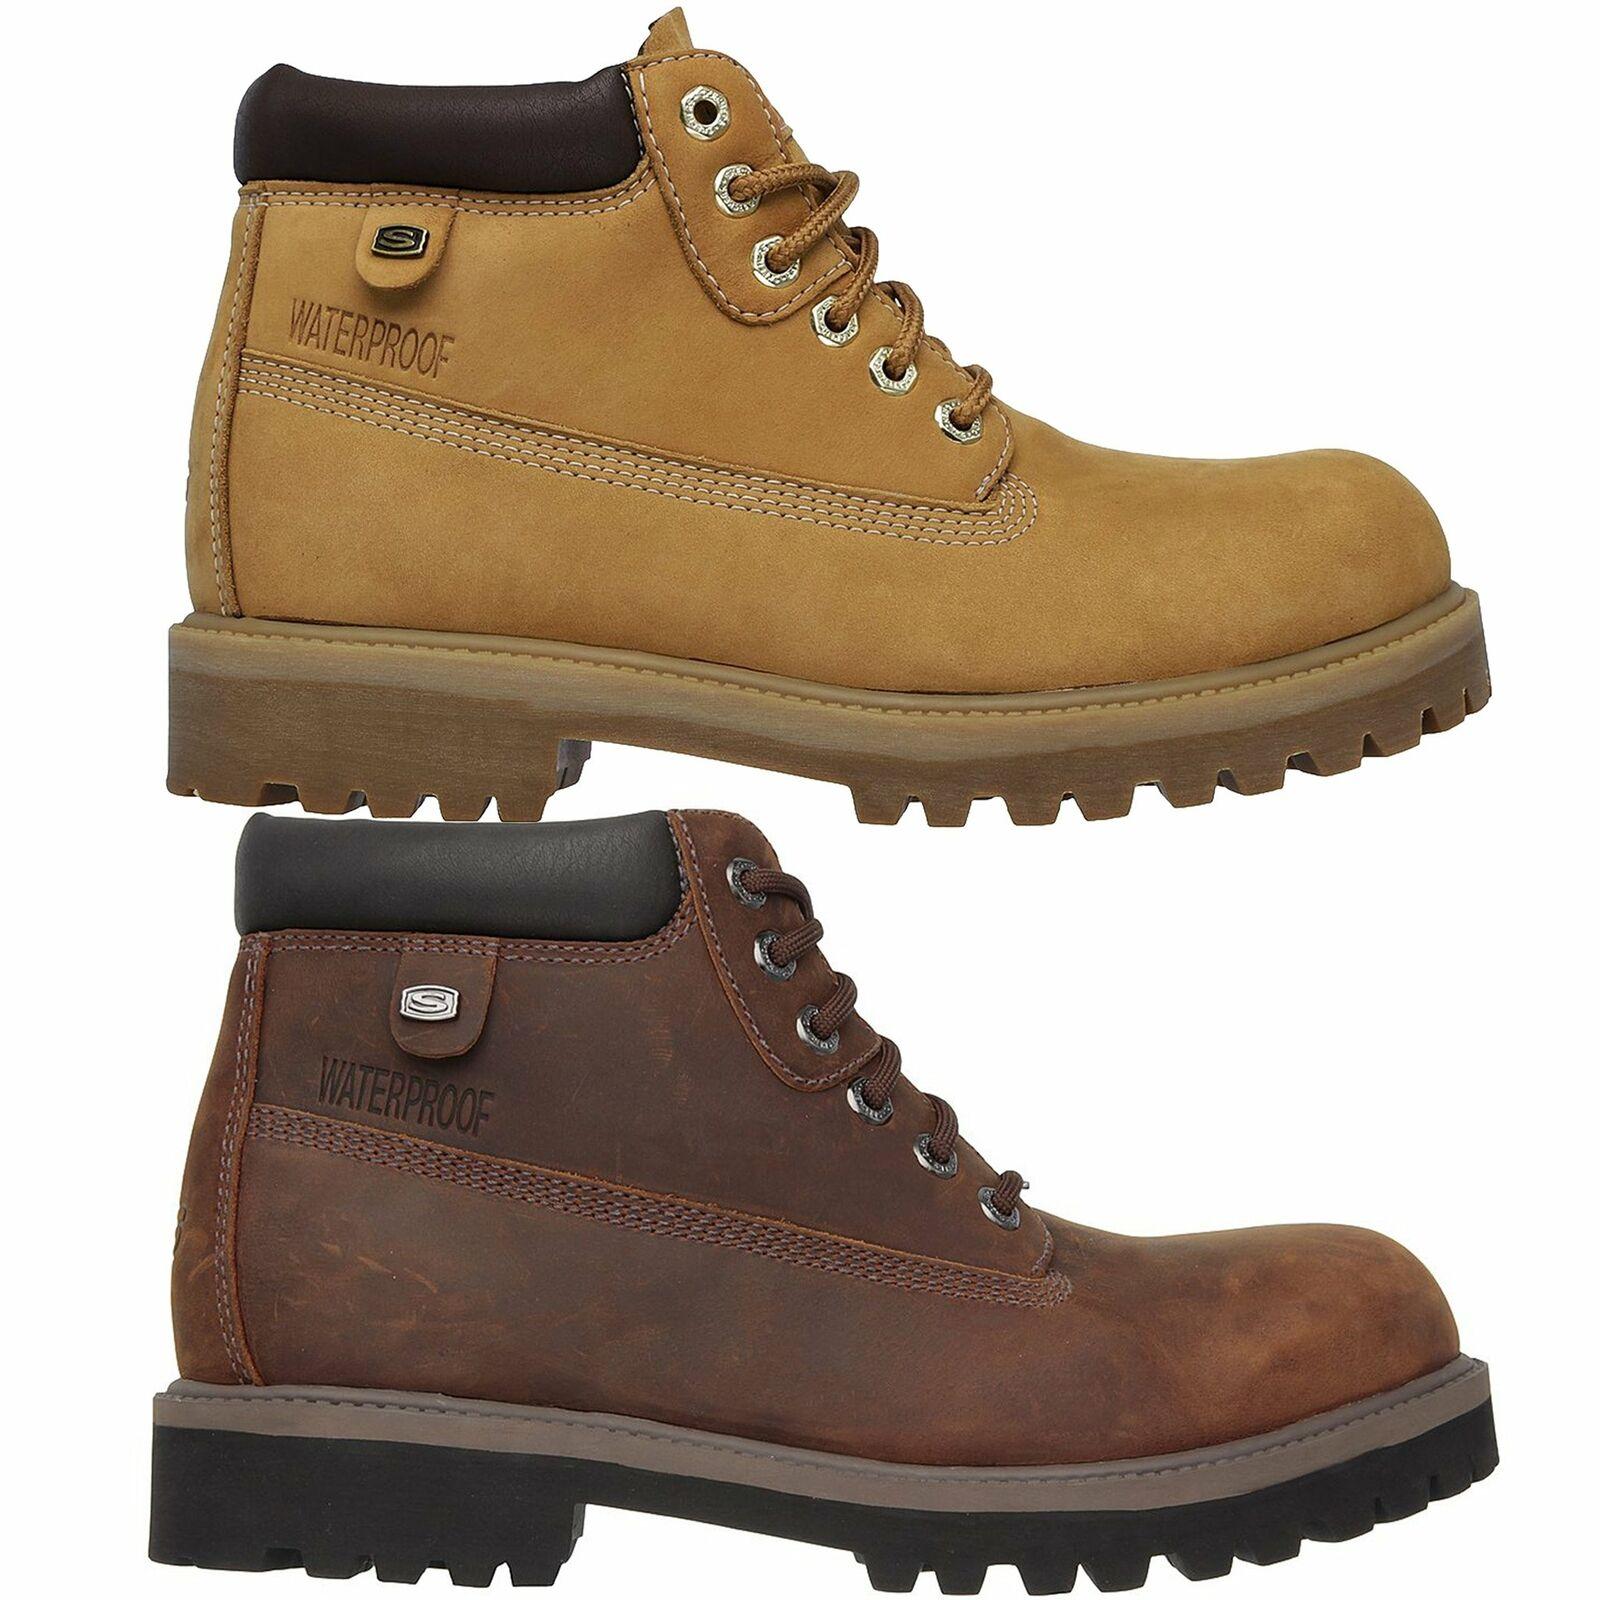 skechers men's waterproof verdict boots